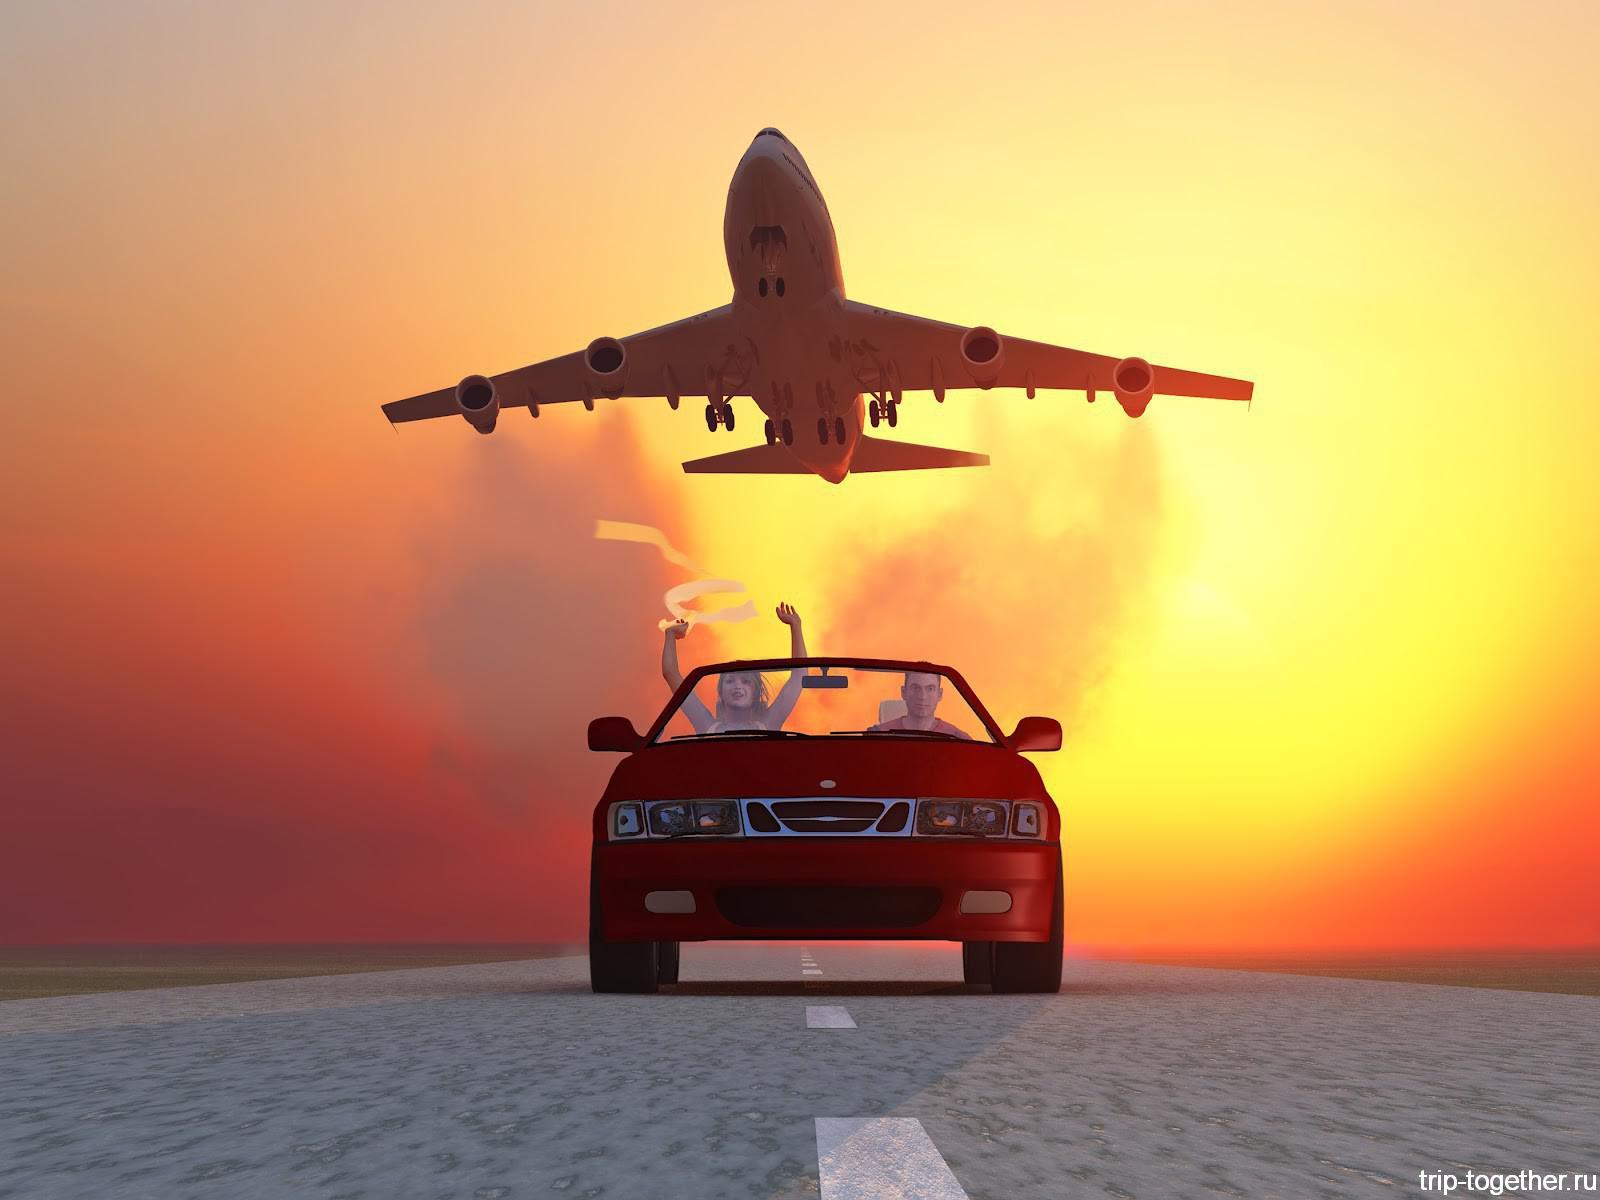 Лететь и арендовать машину или ехать на своей машине